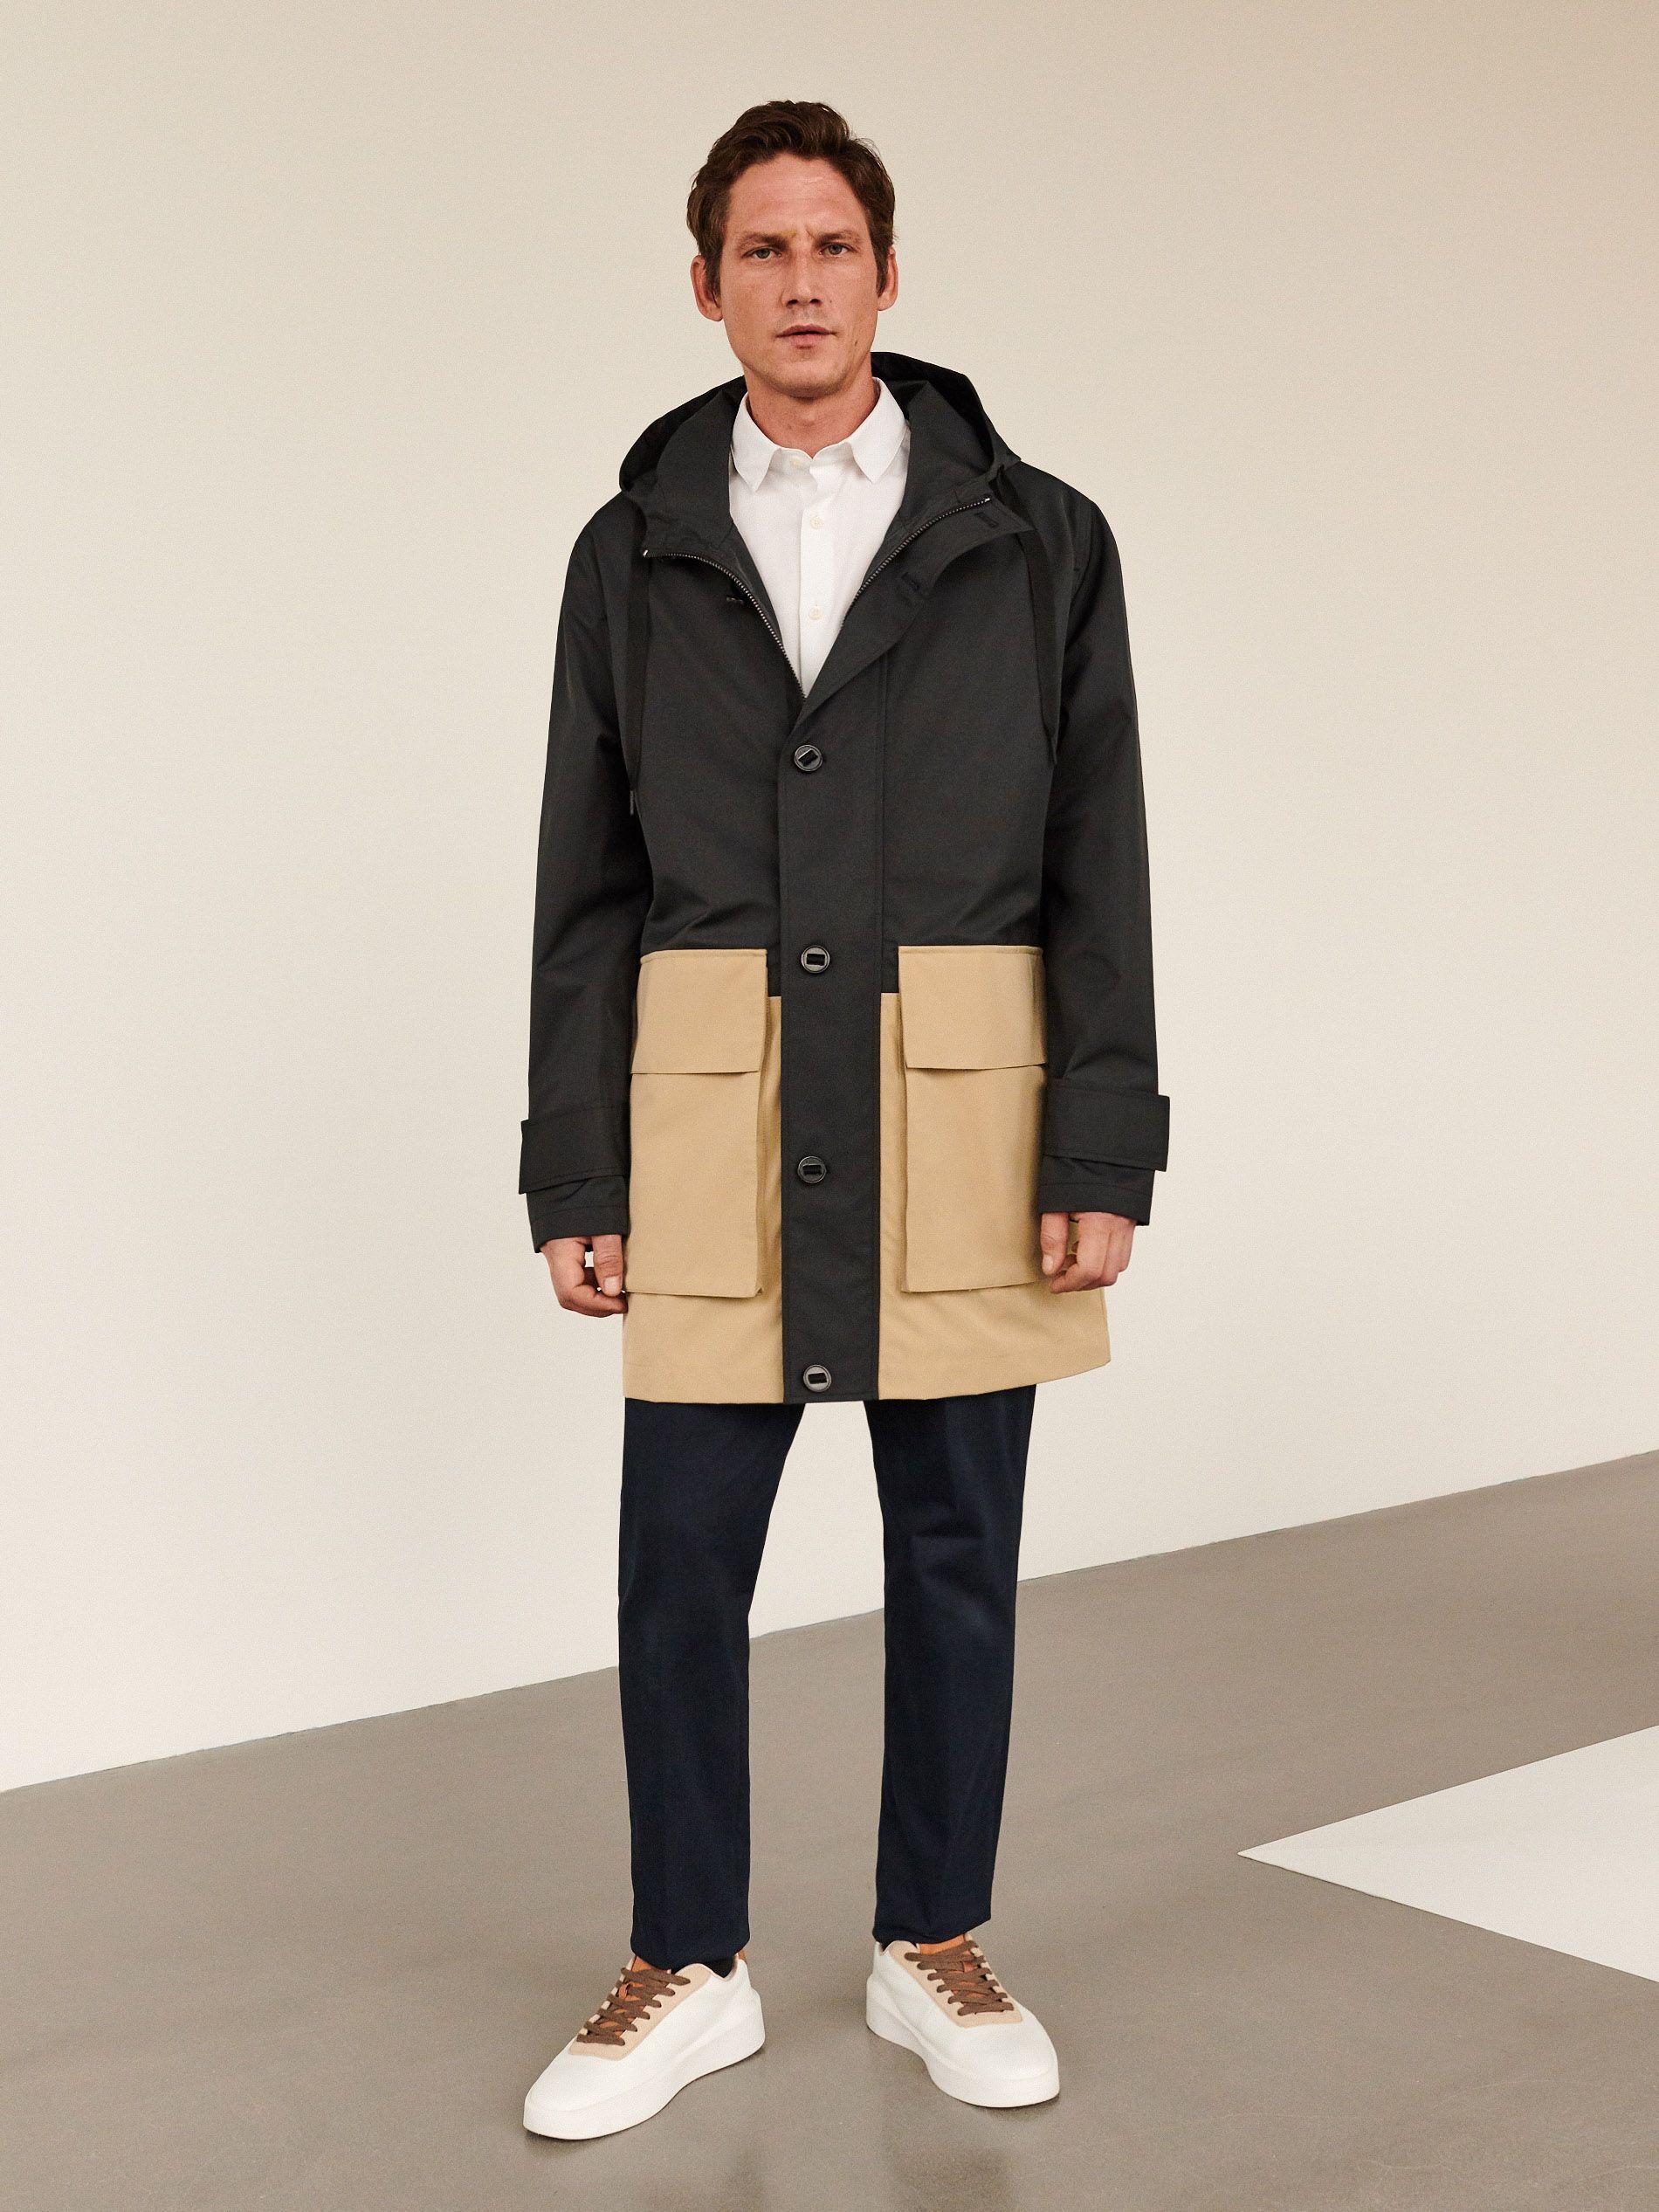 Nový prístup ku klasike udáva jarné trendy. Všetko v duchu udržateľnej módy